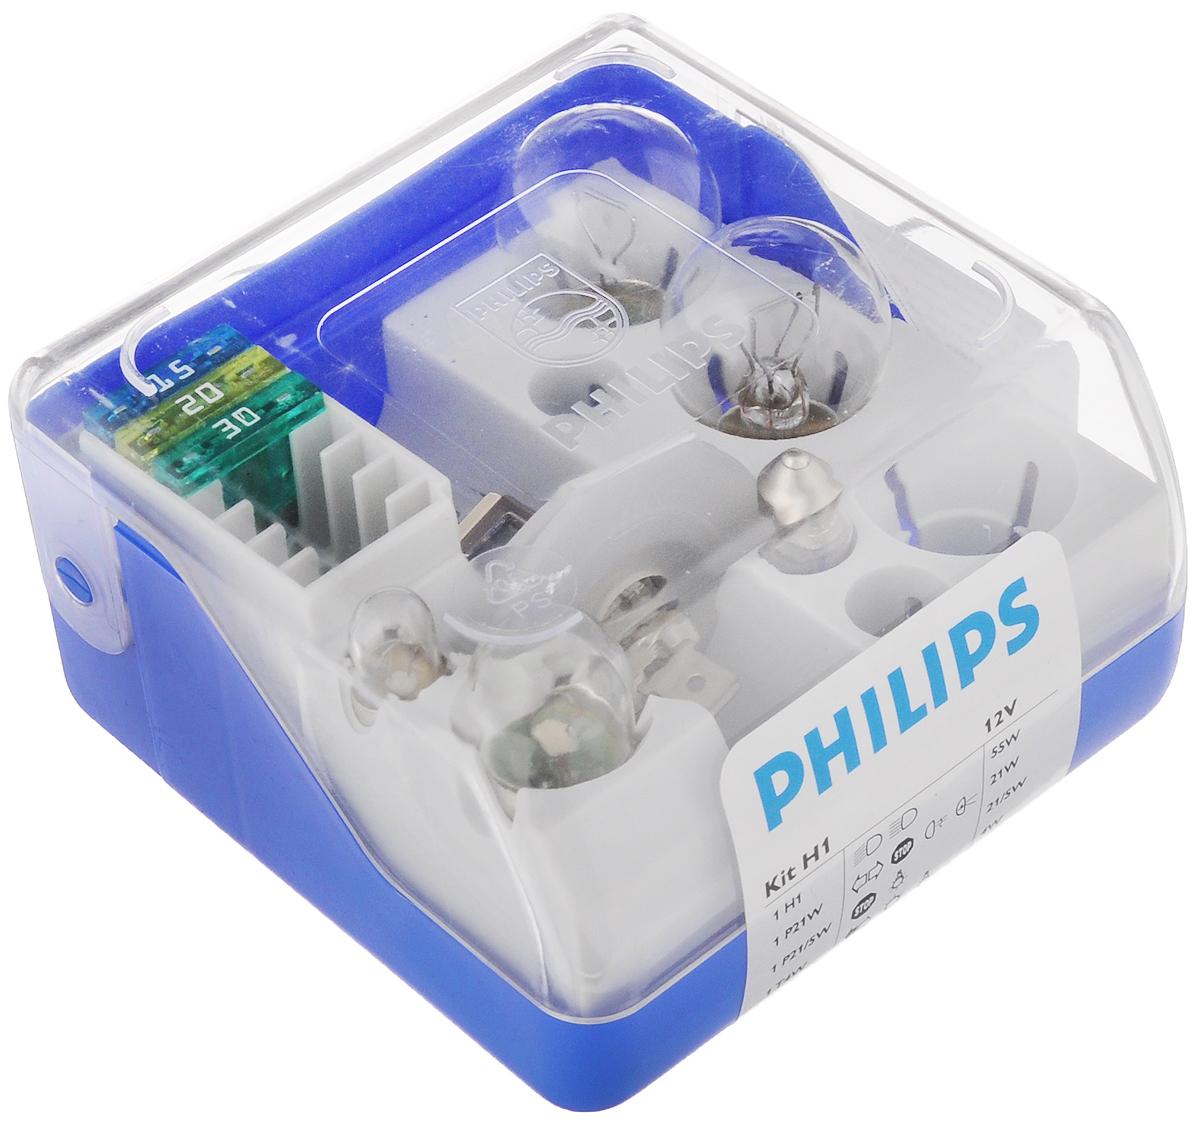 Набор автомобильных ламп Philips, 9 предметов52731430В комплект Philips входят лампы для автомобильных фар, обеспечивающие на 30% больше света. Лампы излучают мощный точно направленный луч света и характеризуются высокой светоотдачей, увеличивая видимость вашего автомобиля на дороге. Состав набора: 1 H1: 55 Вт. 1 P21W: 21 Вт. 1 P21/W: 21/5 Вт. 1 T4W: 4 Вт. 1 R5W: 5 Вт. 1 C5W: 5 Вт. 3 предохранителя: 15 А, 20 А, 30 А.